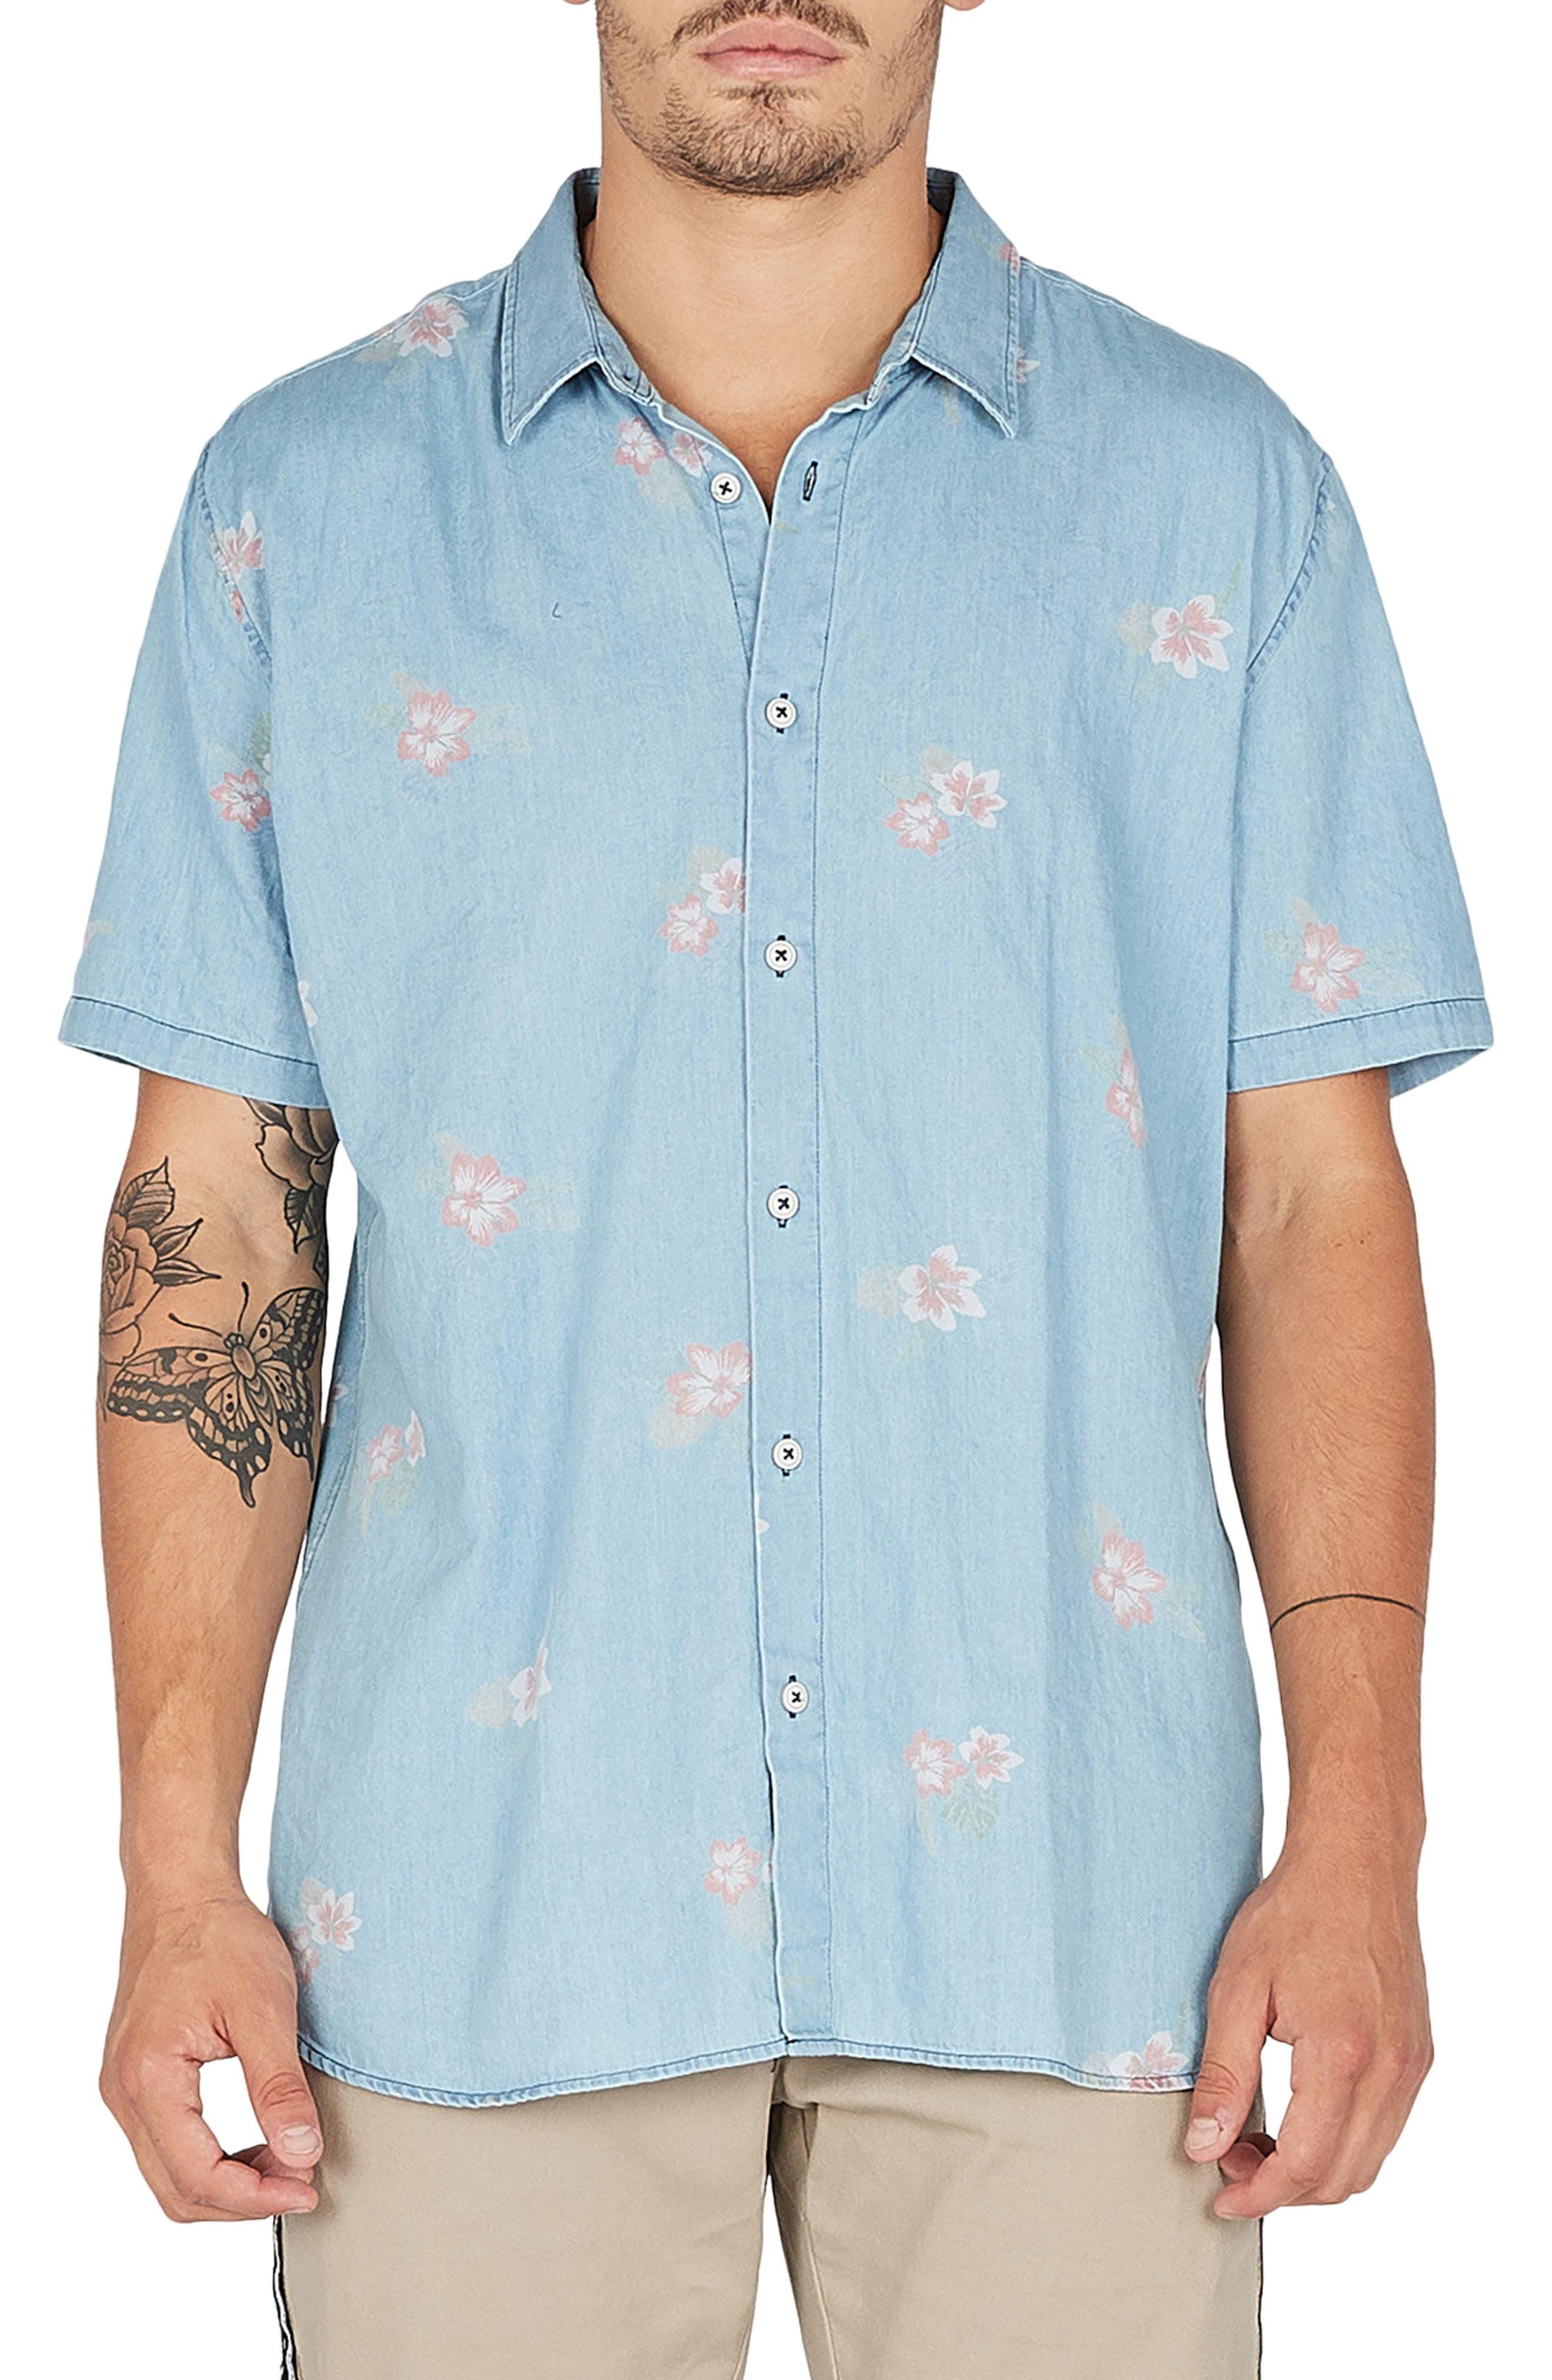 Holiday Woven Shirt,                             Main thumbnail 1, color,                             Indigo/ Floral